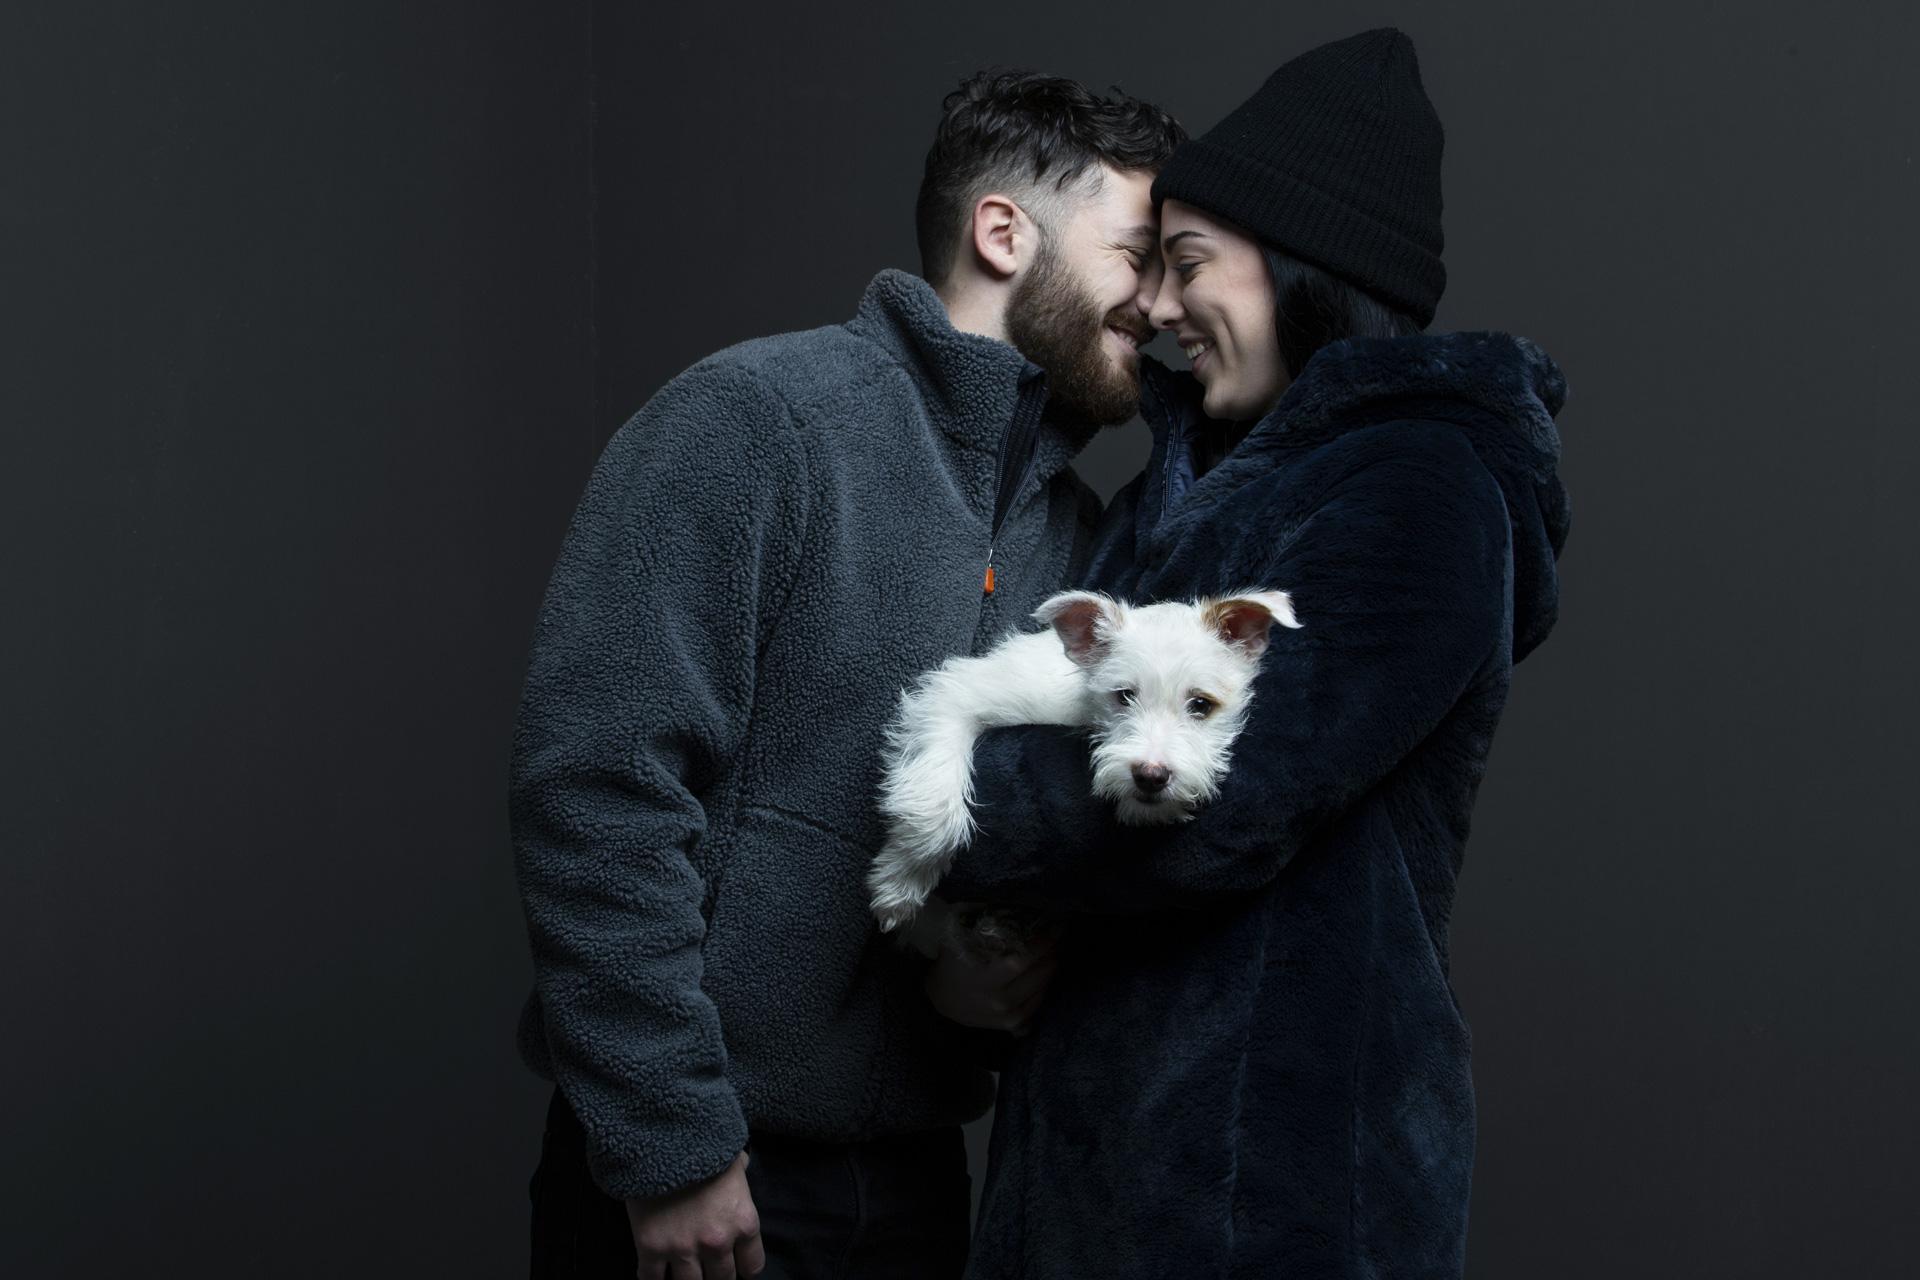 Mann und Frau mit Hund in kuscheligen Winterjacken